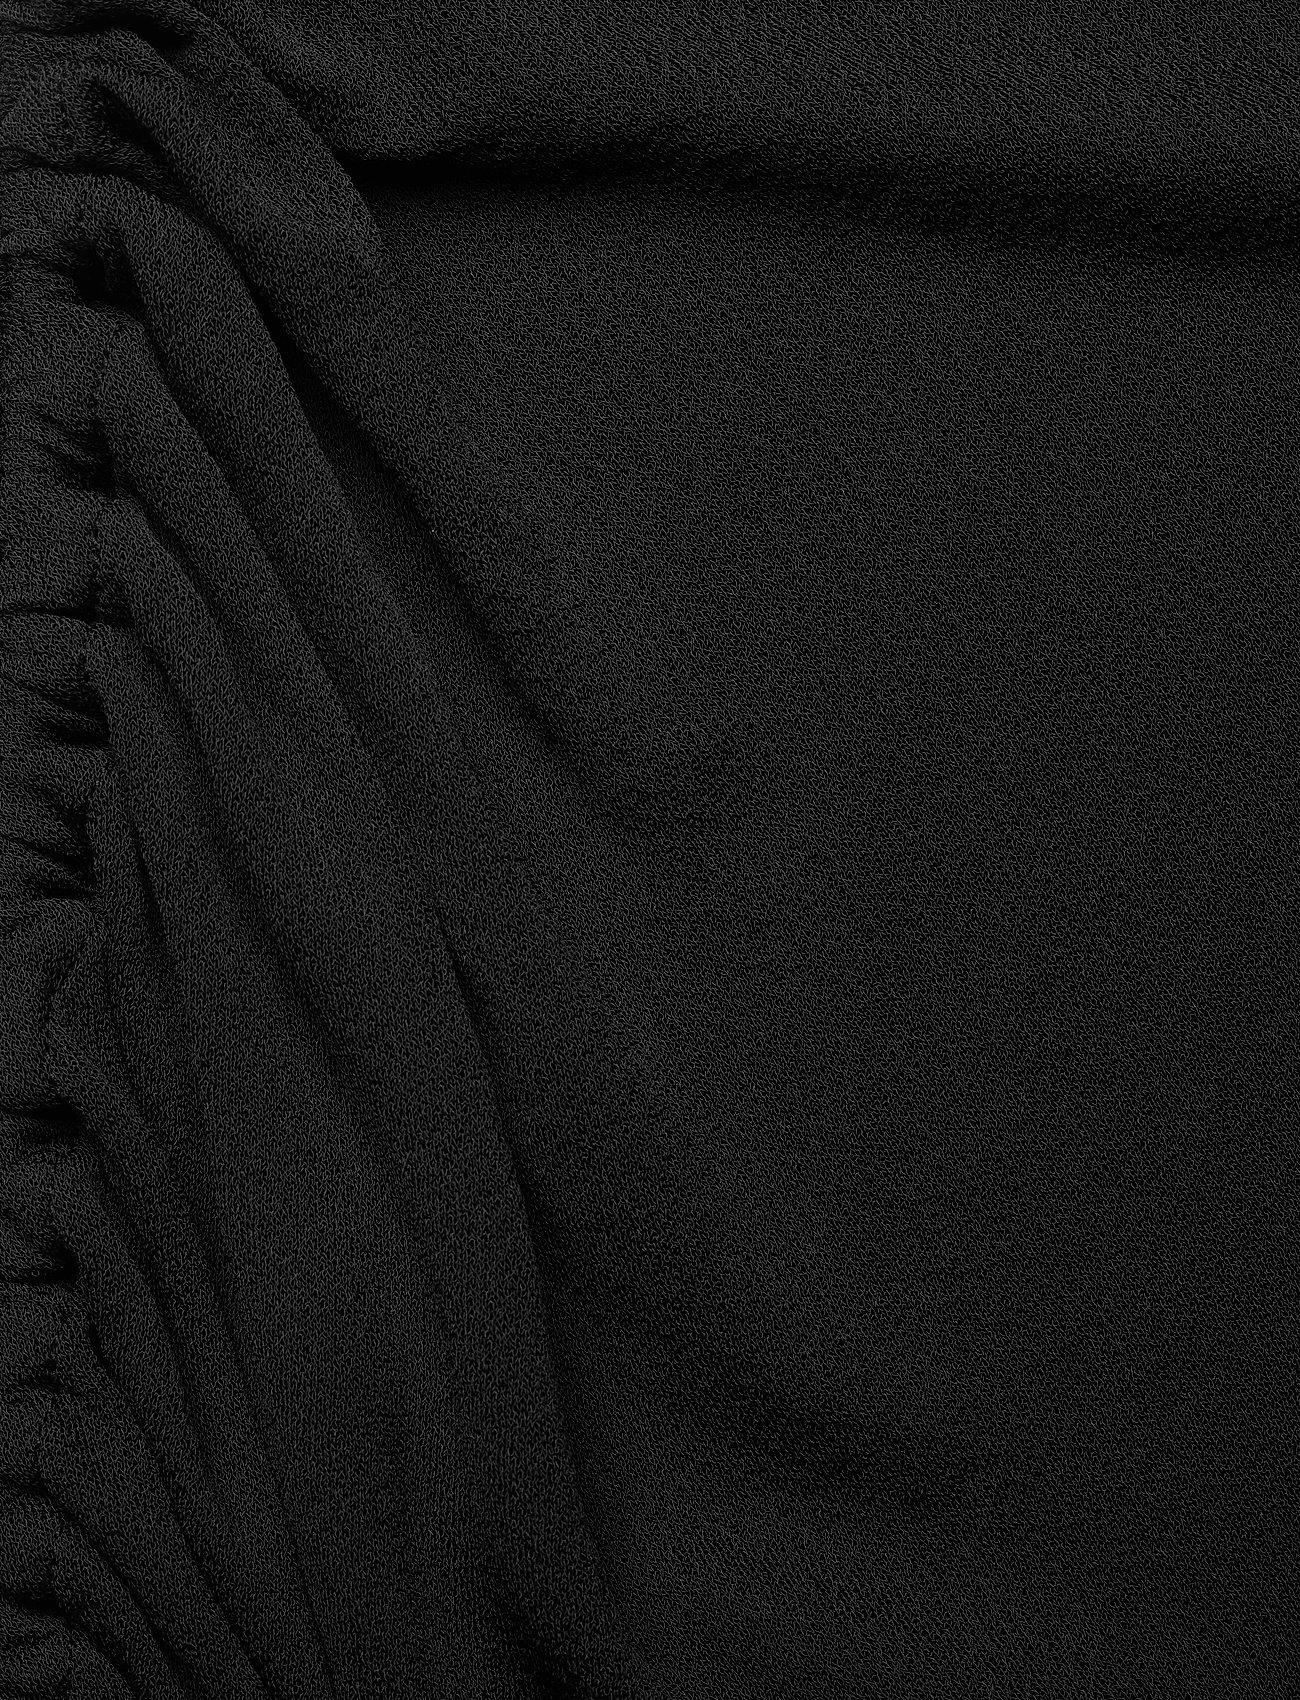 Elowen (Black) (1599 kr) - By Malene Birger 45jsk6rX